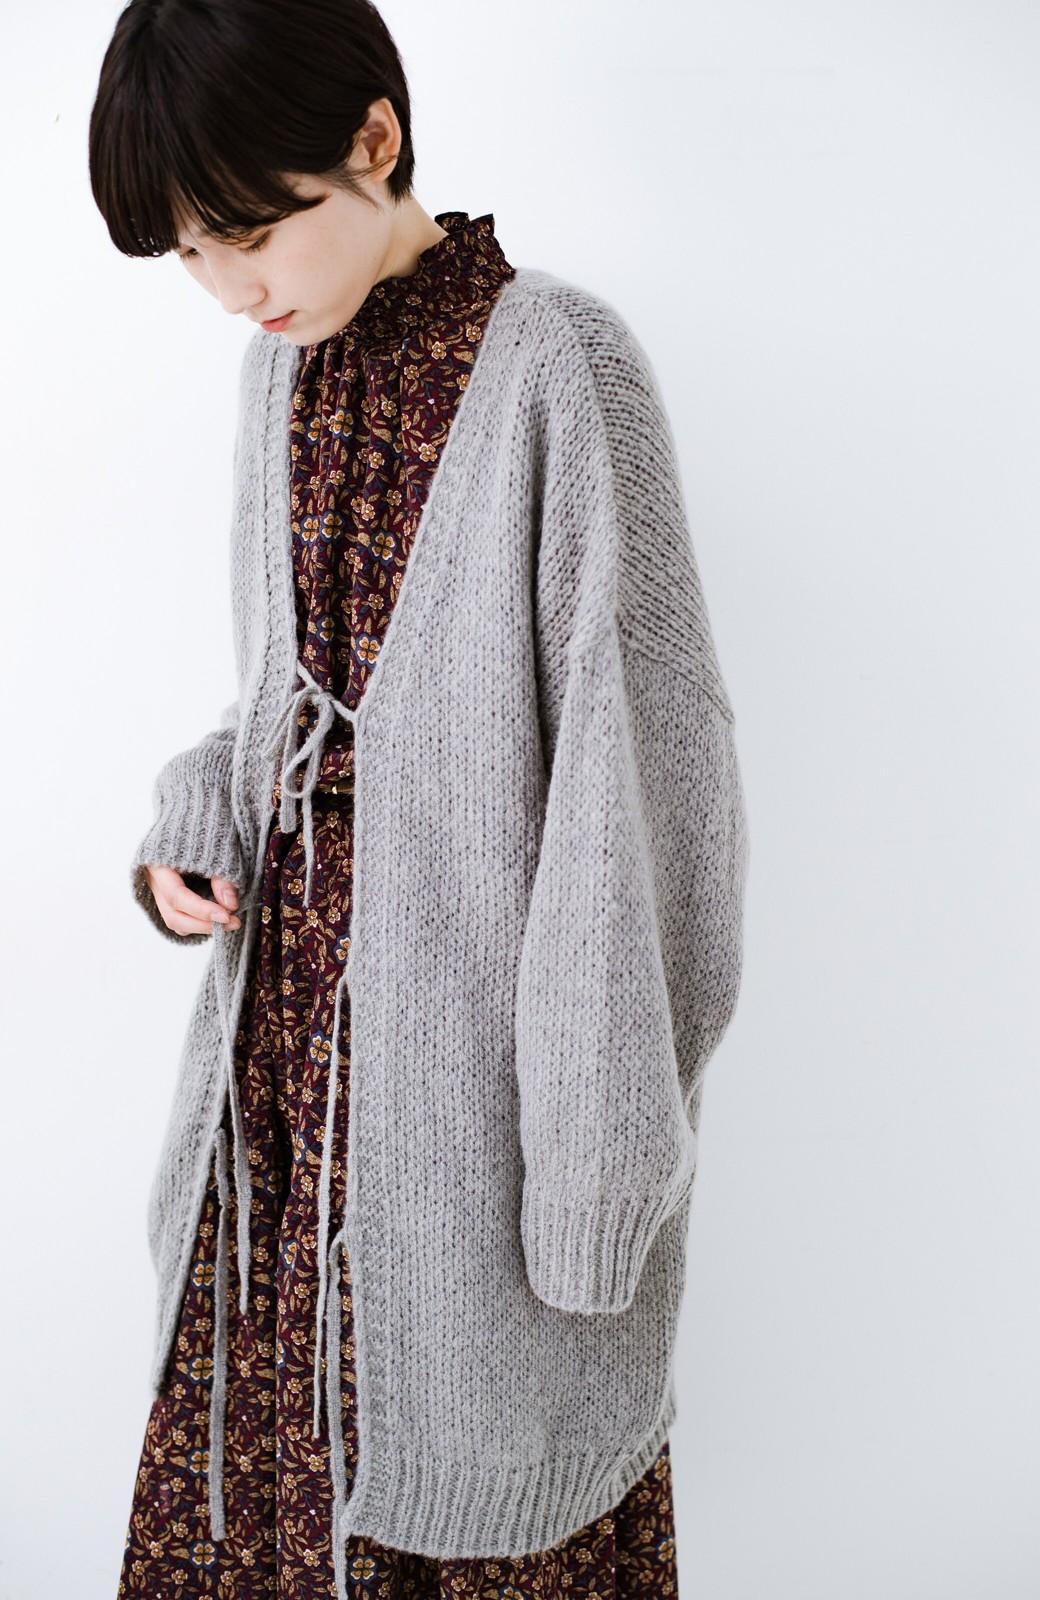 haco! ゆるゆるゆる編みで軽やかにかわいくなれる 前後ろ2WAYカーディガン <杢グレー>の商品写真19